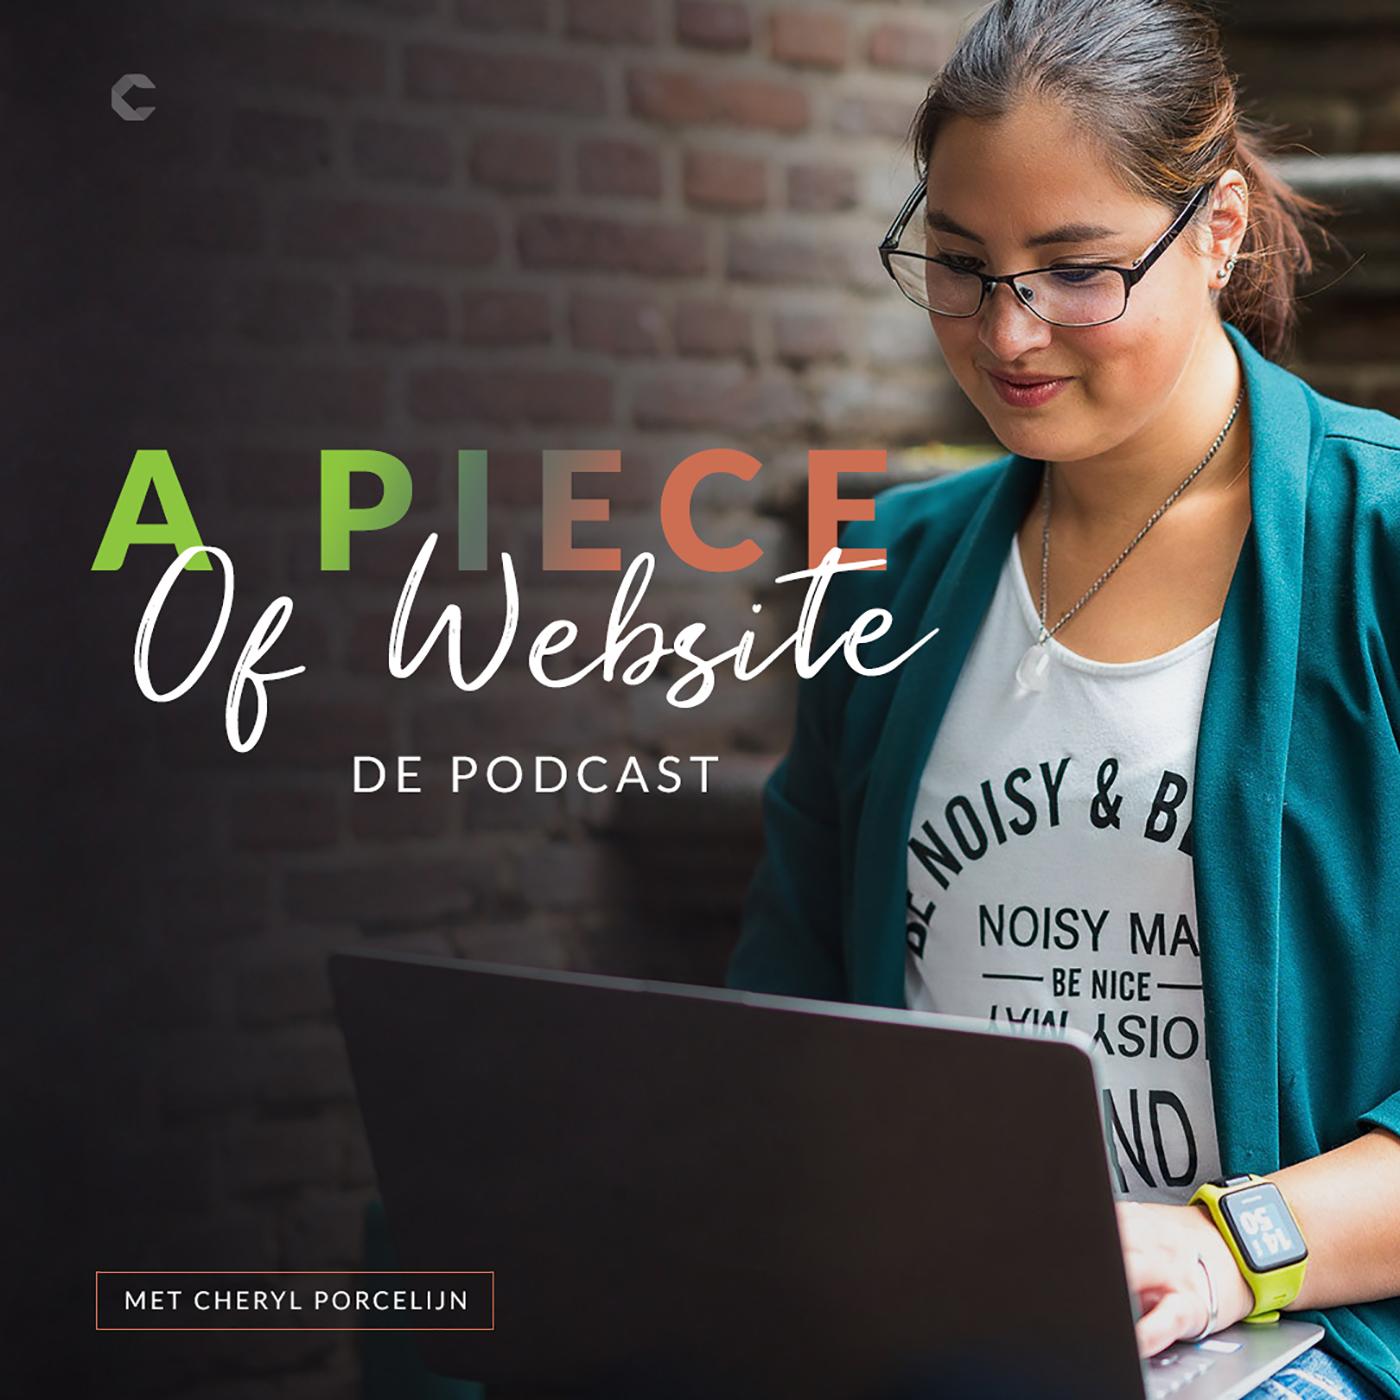 A Piece of Website logo